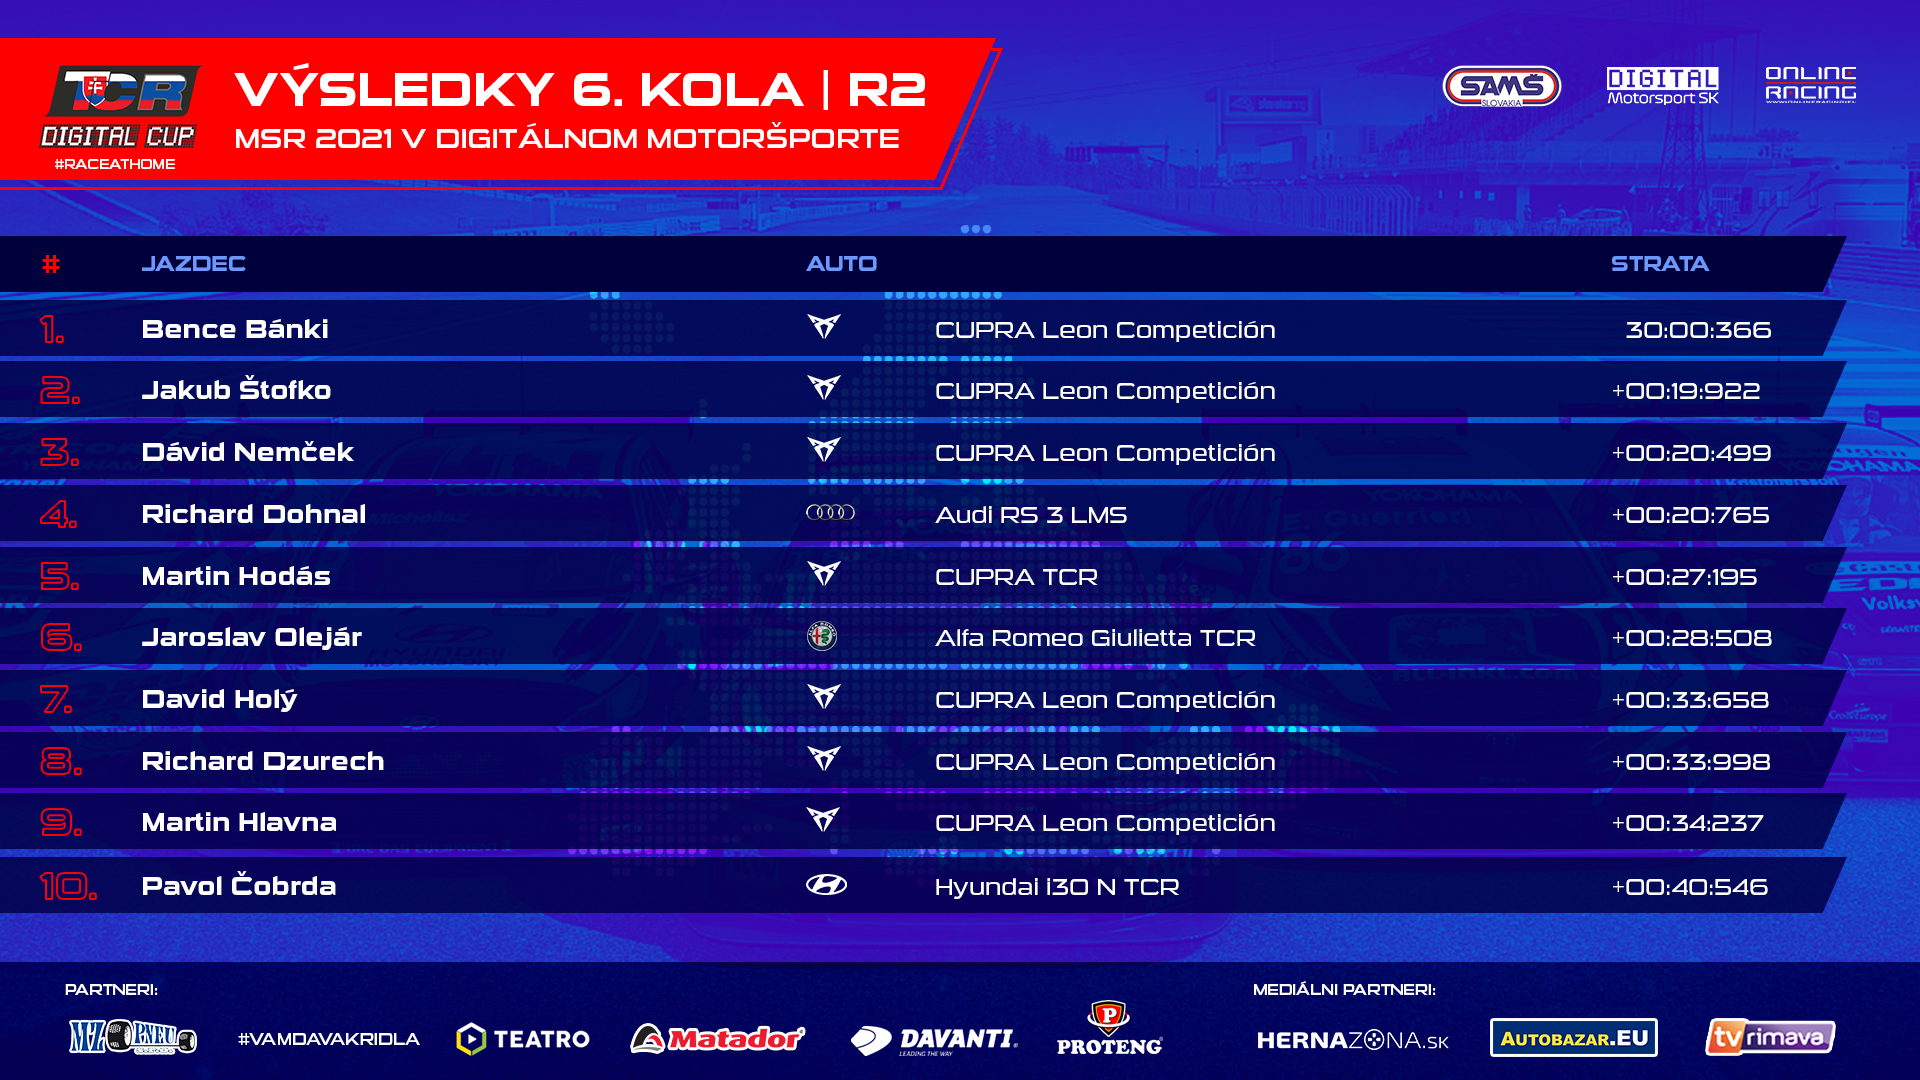 Výsledky TOP 10 z druhého šprintu 6. kola TCR Digital Cupu.